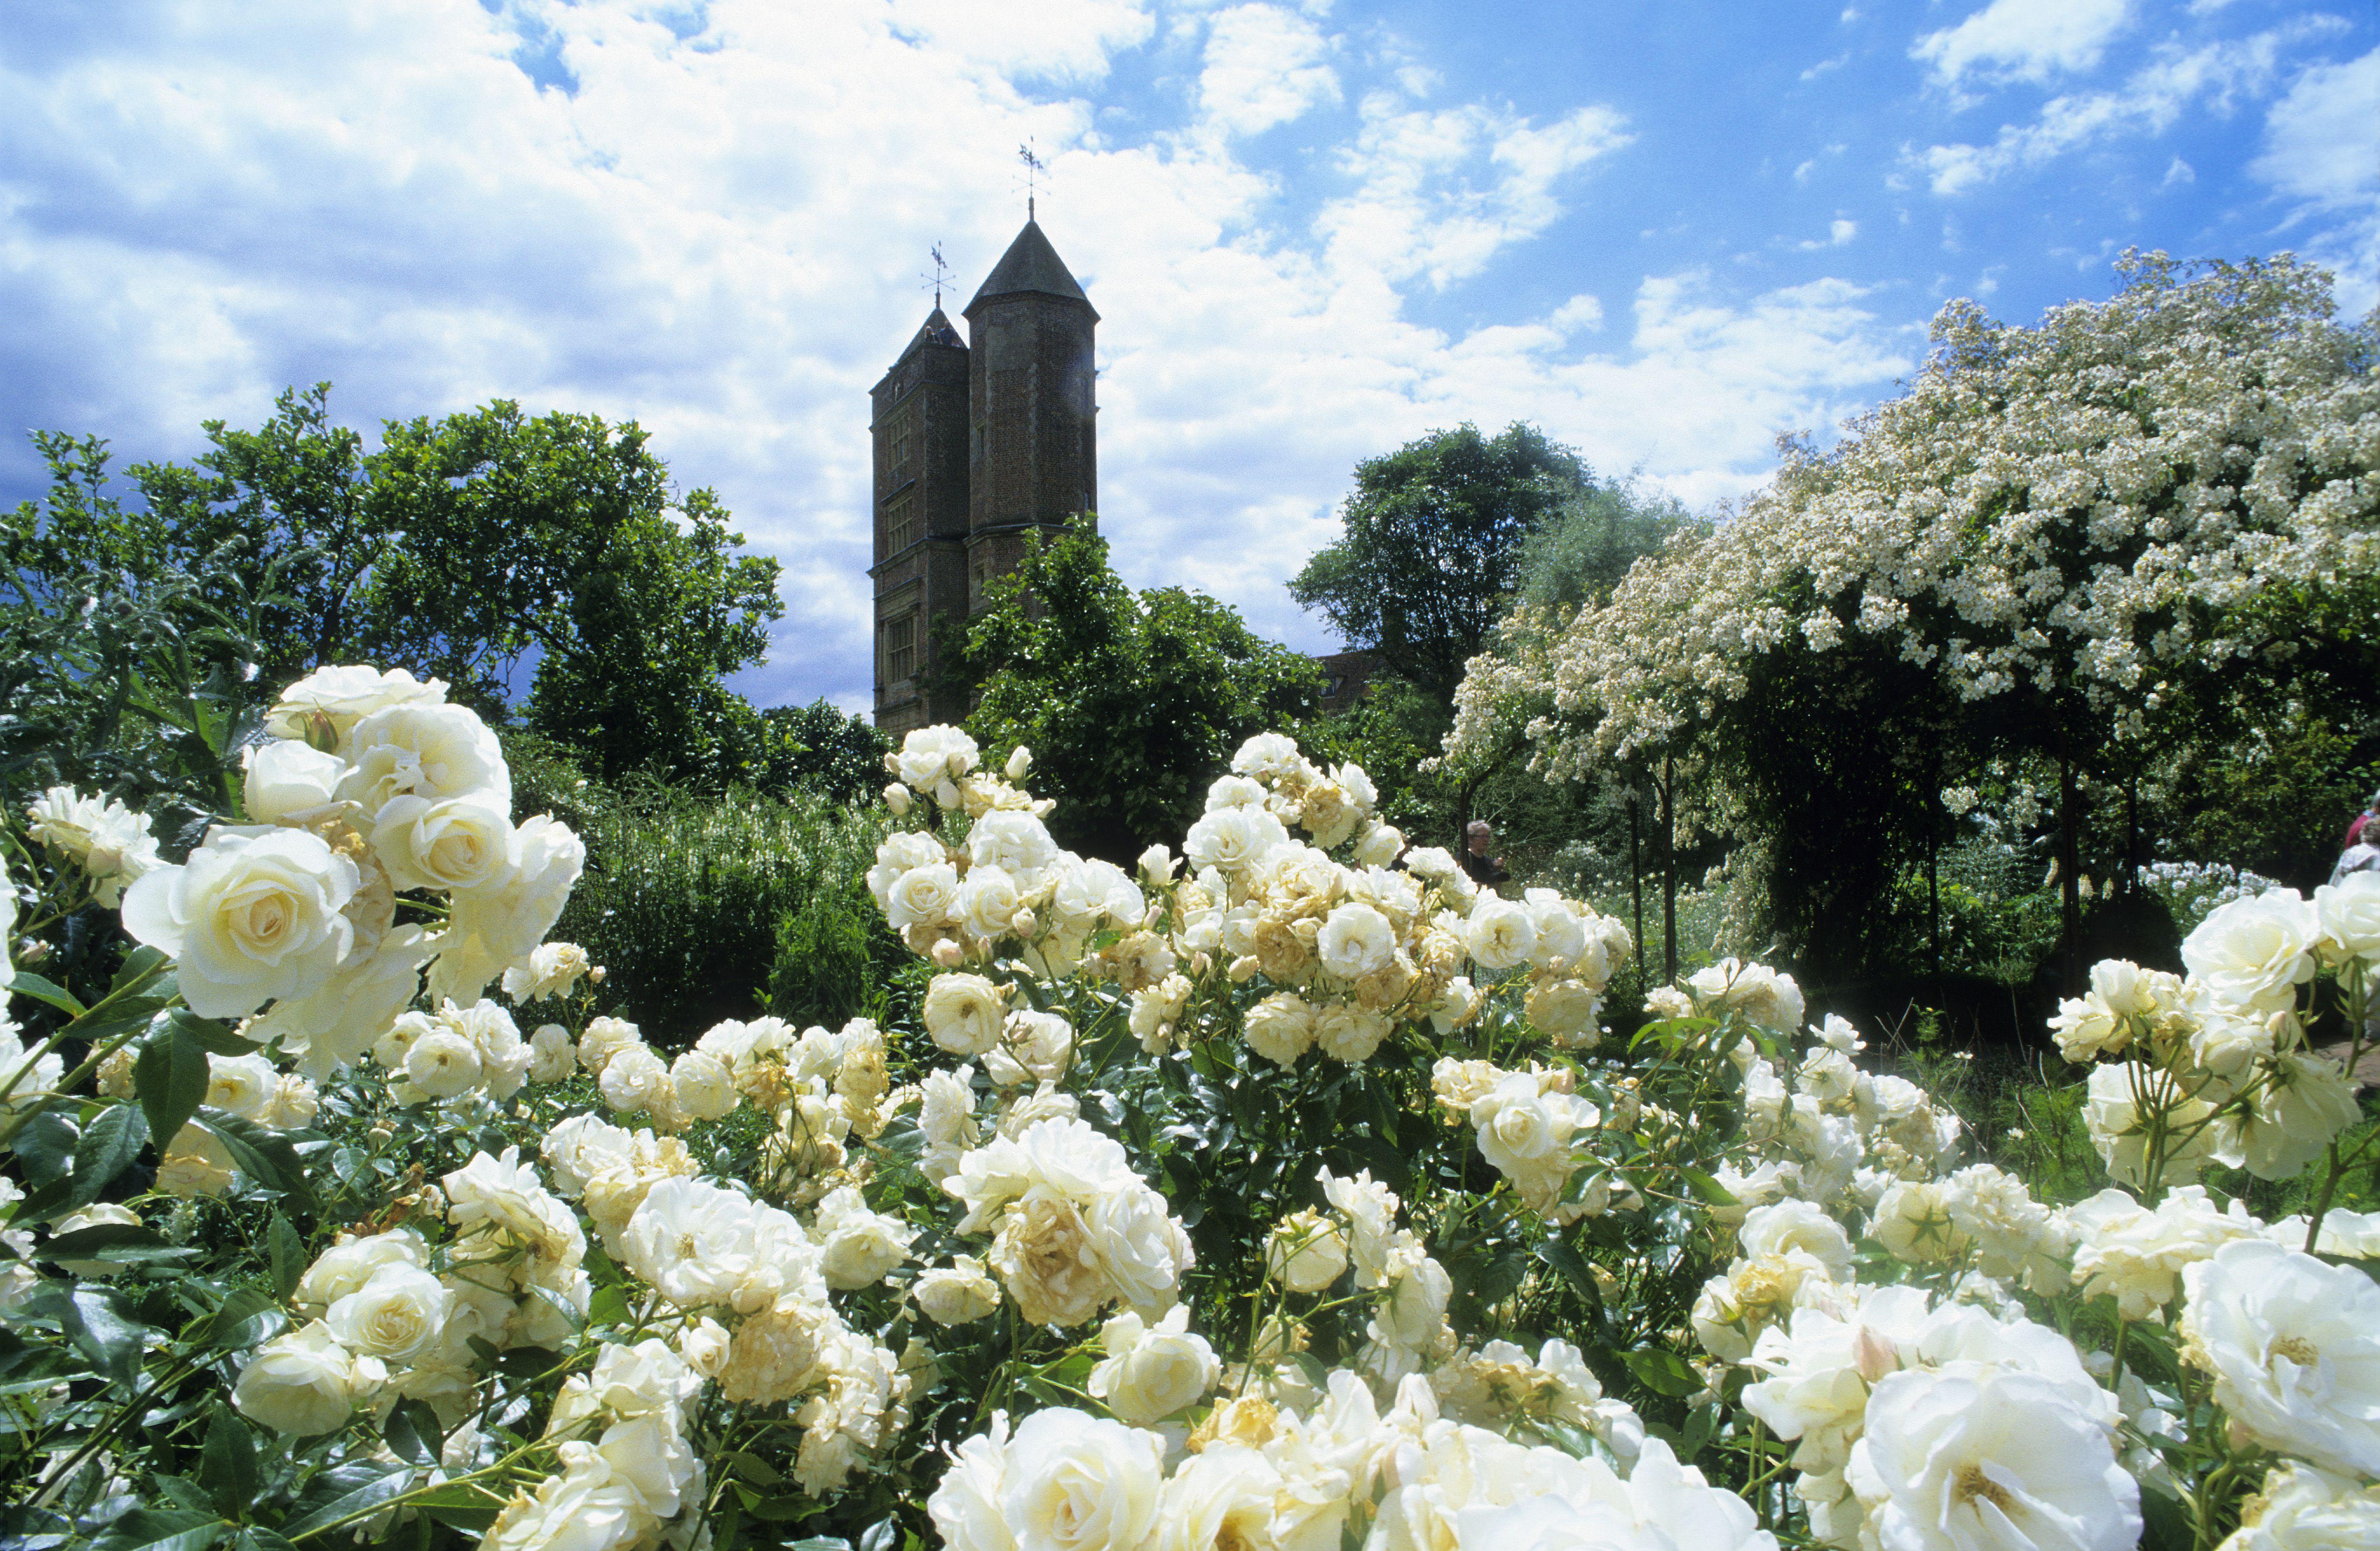 Sissinghurst Castle White Garden